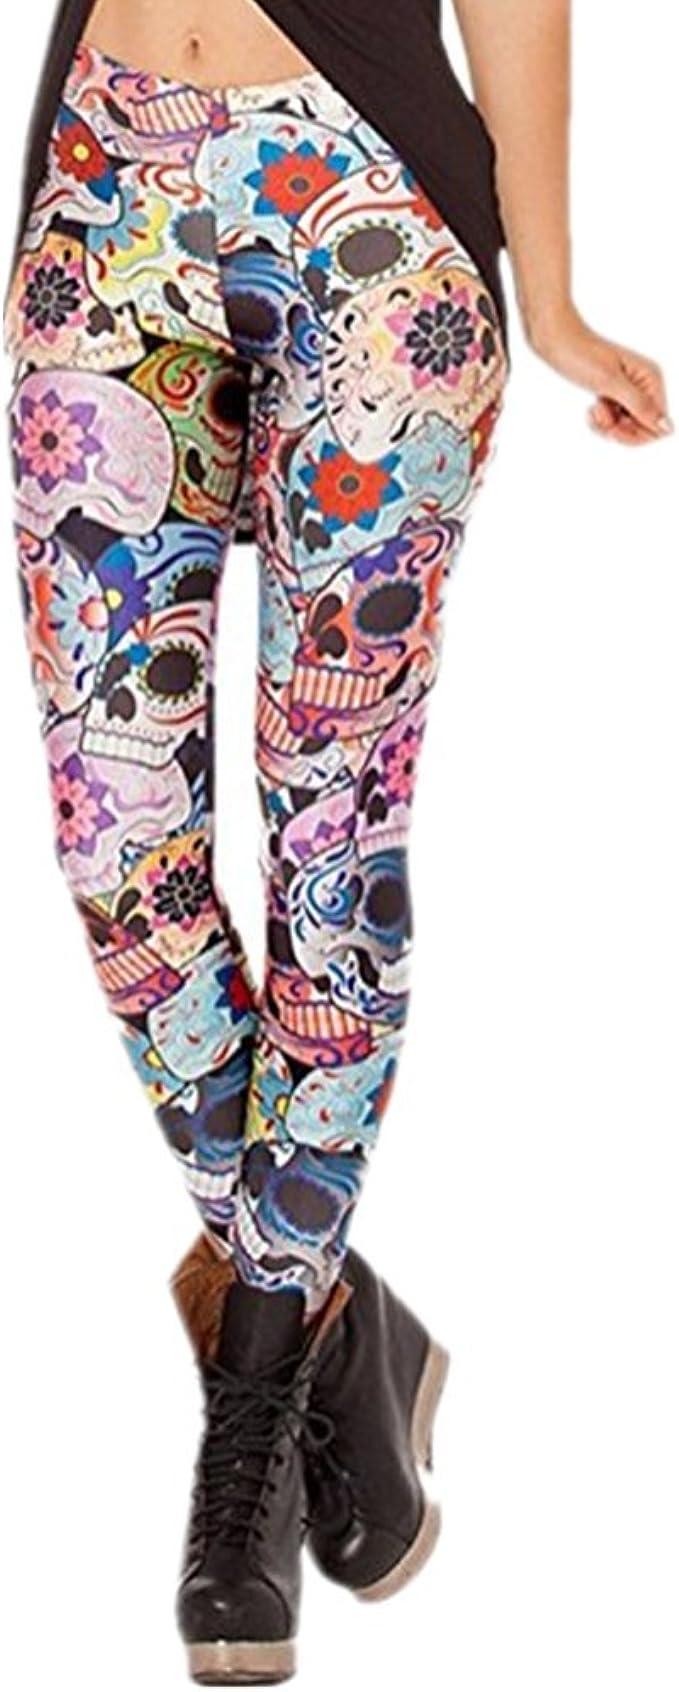 Acheter legging tete de mort online 10